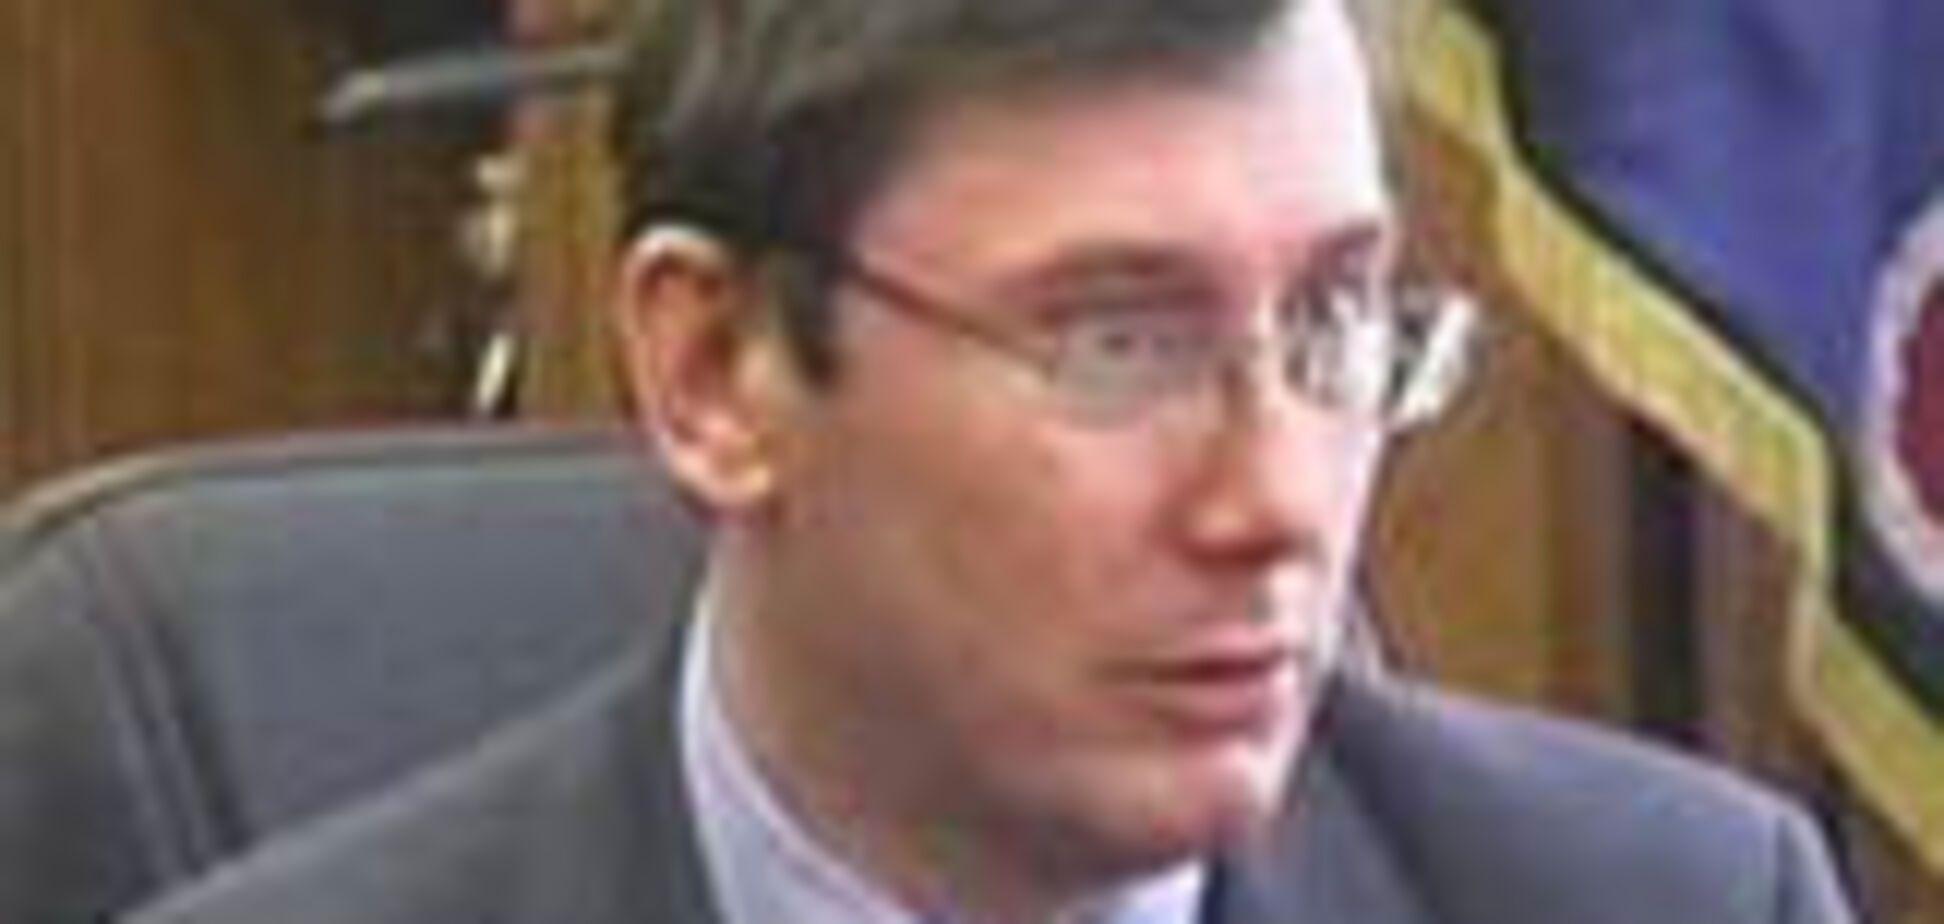 Юрiй Луценко: 'Найстрашнiше для мене - стати непотрiбним'